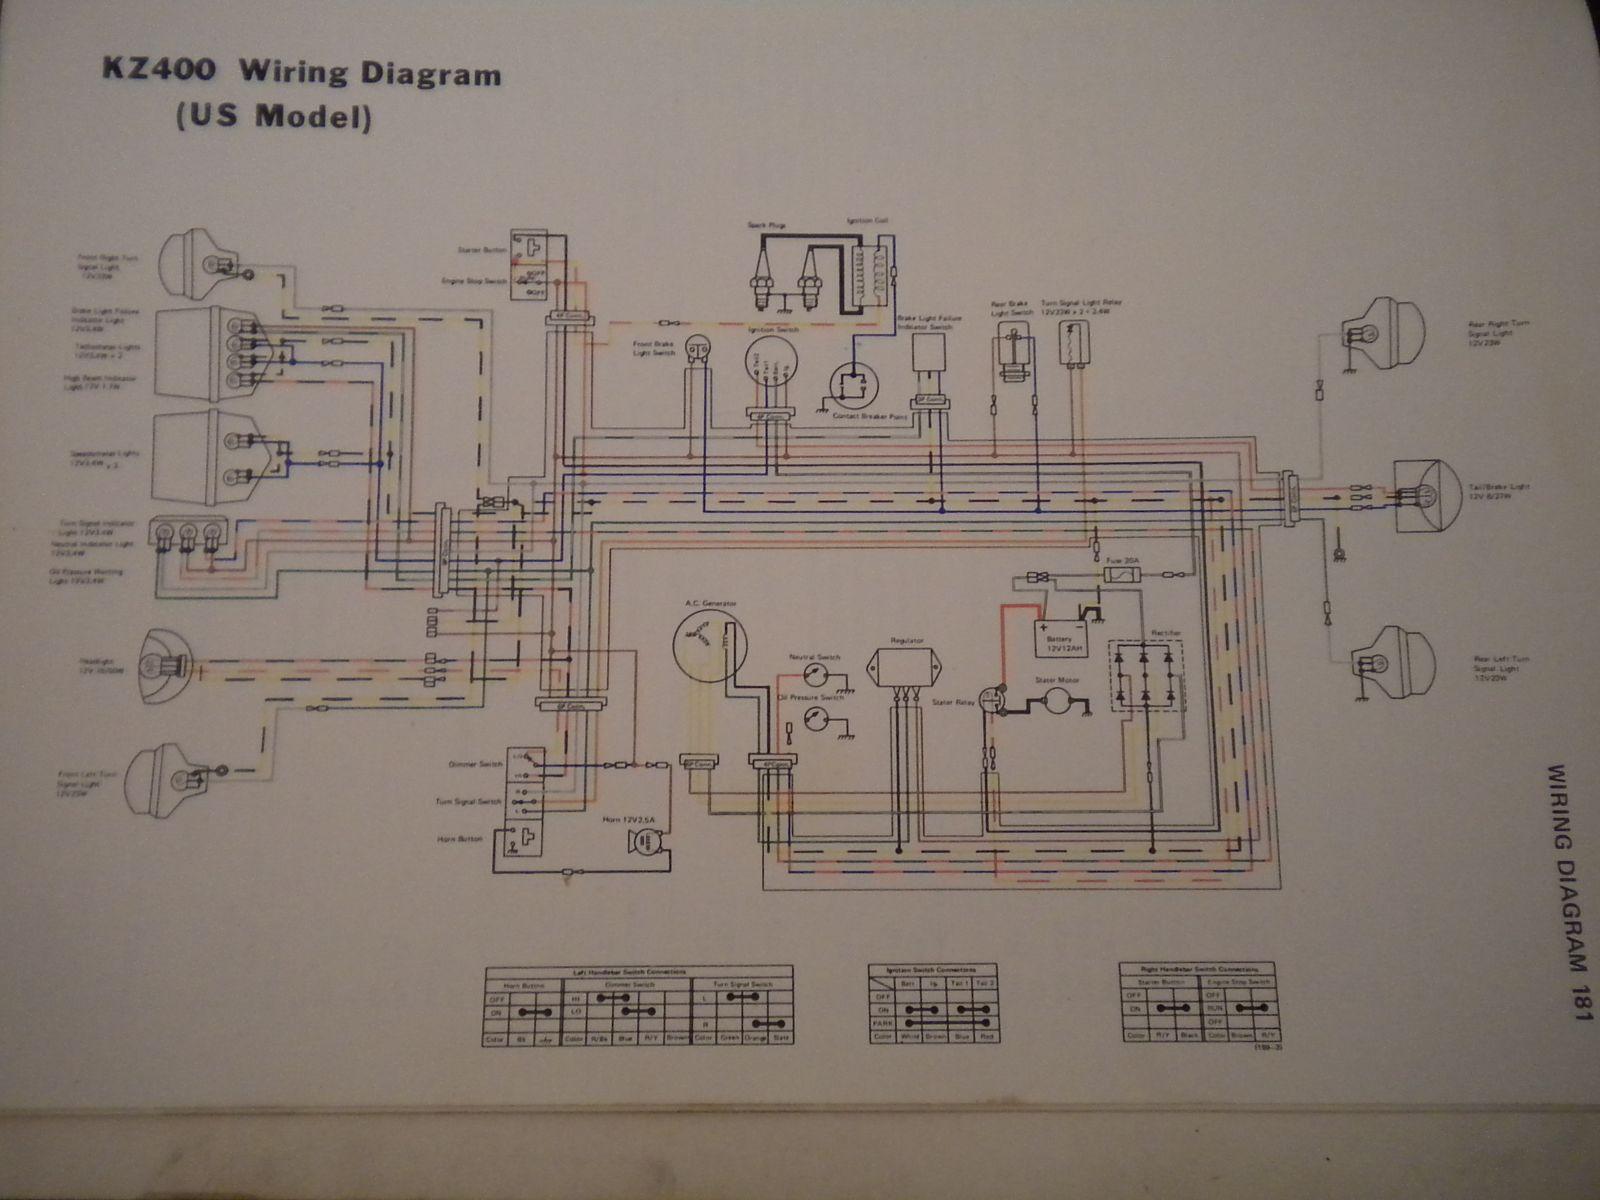 74 Kz 400 Bobber Wiring Diagram - Kzrider Forum